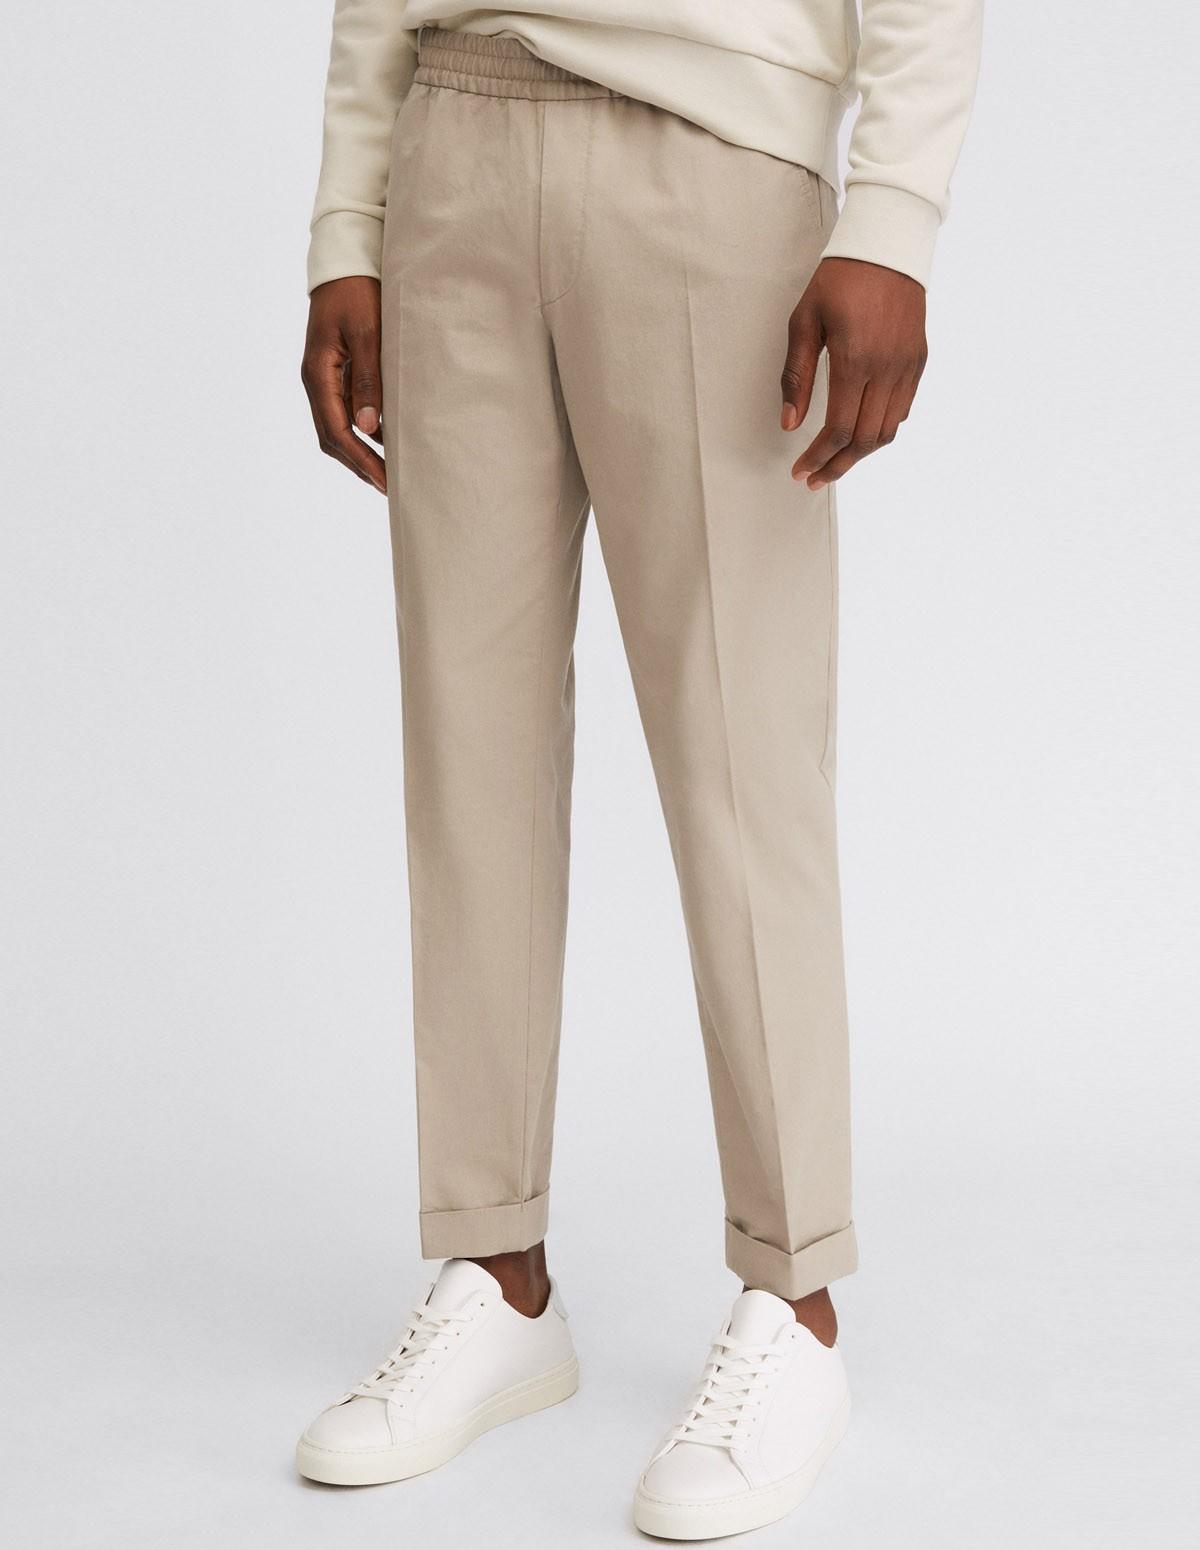 Fk Terry Cotton Trouser - DESERT 9109